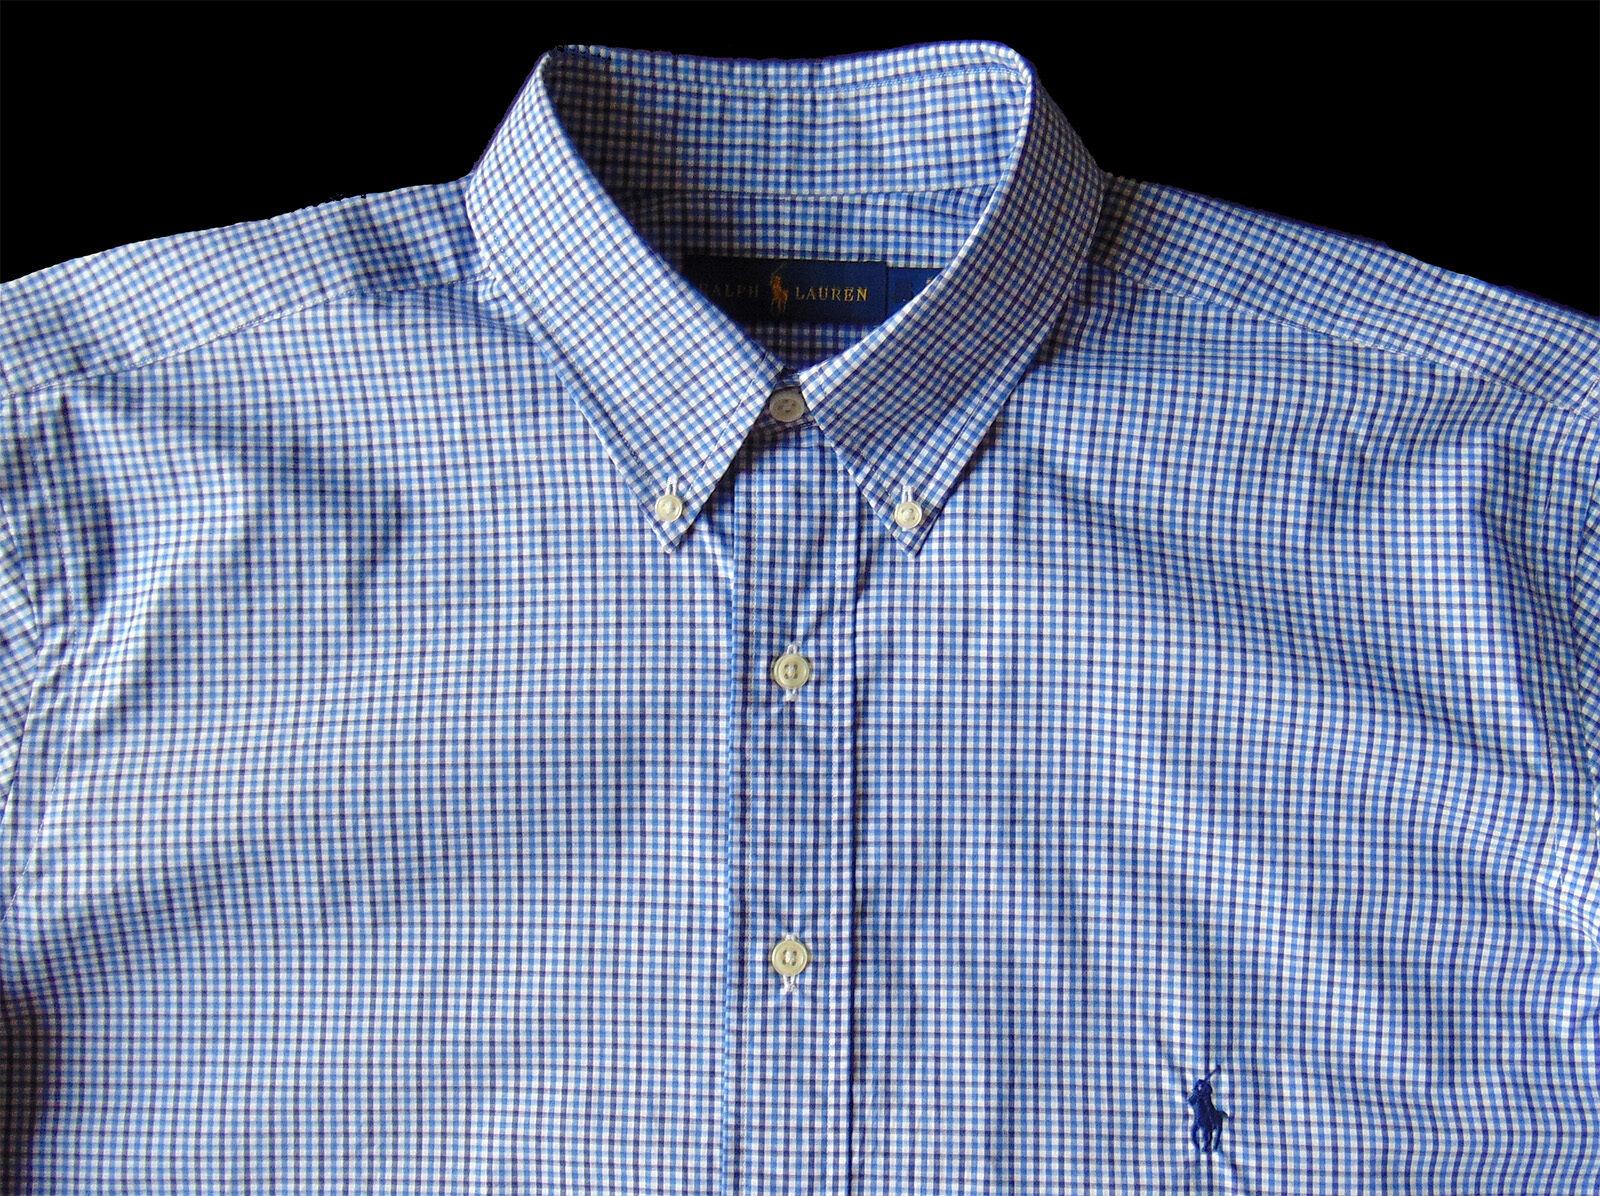 Men's RALPH LAUREN White bluee Navy Gingham Plaid Shirt 3XLT 3XT NWT NEW Classic